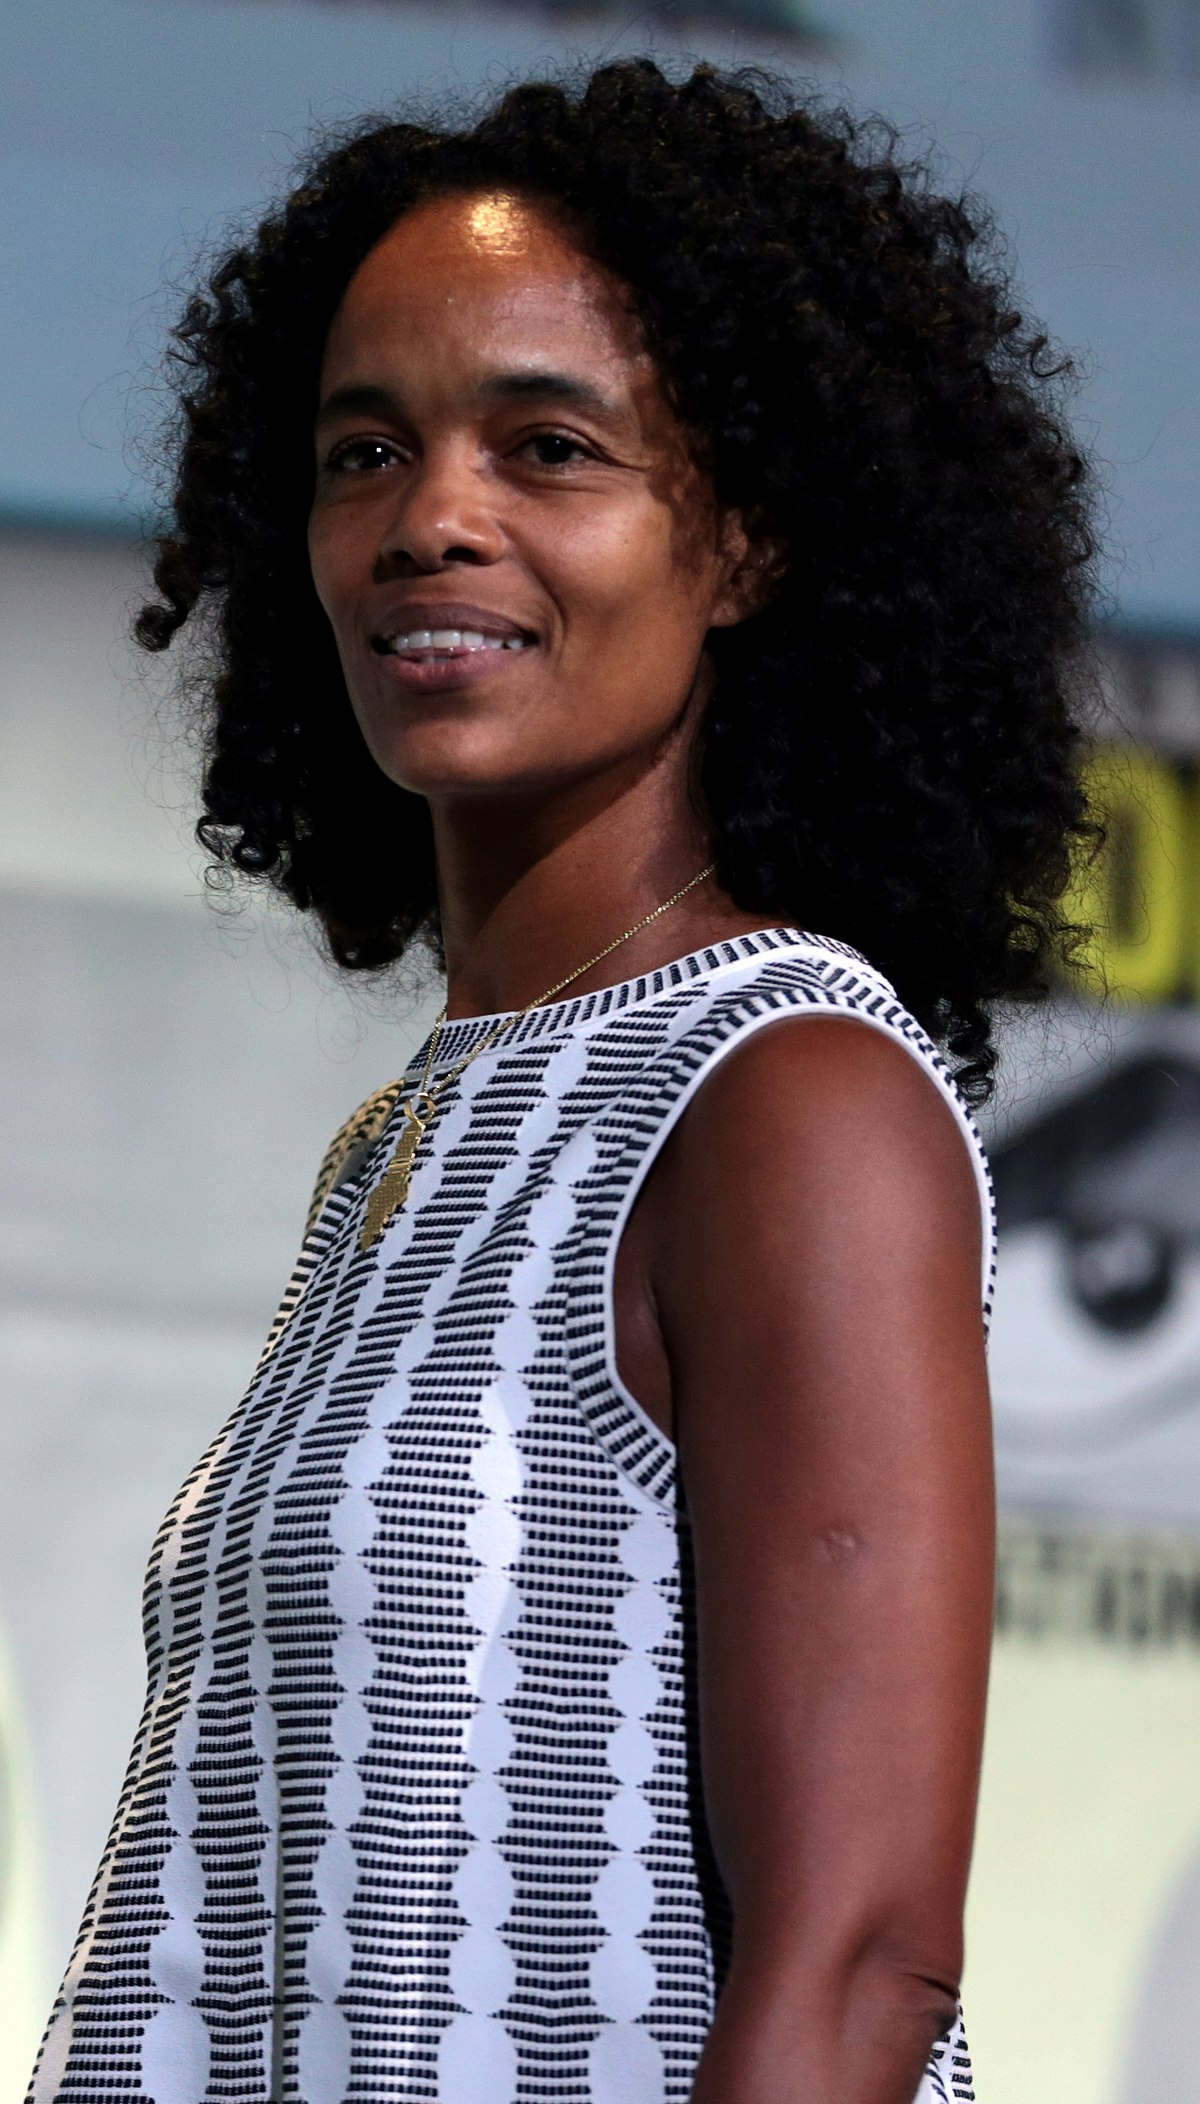 Virginie Besson-Silla